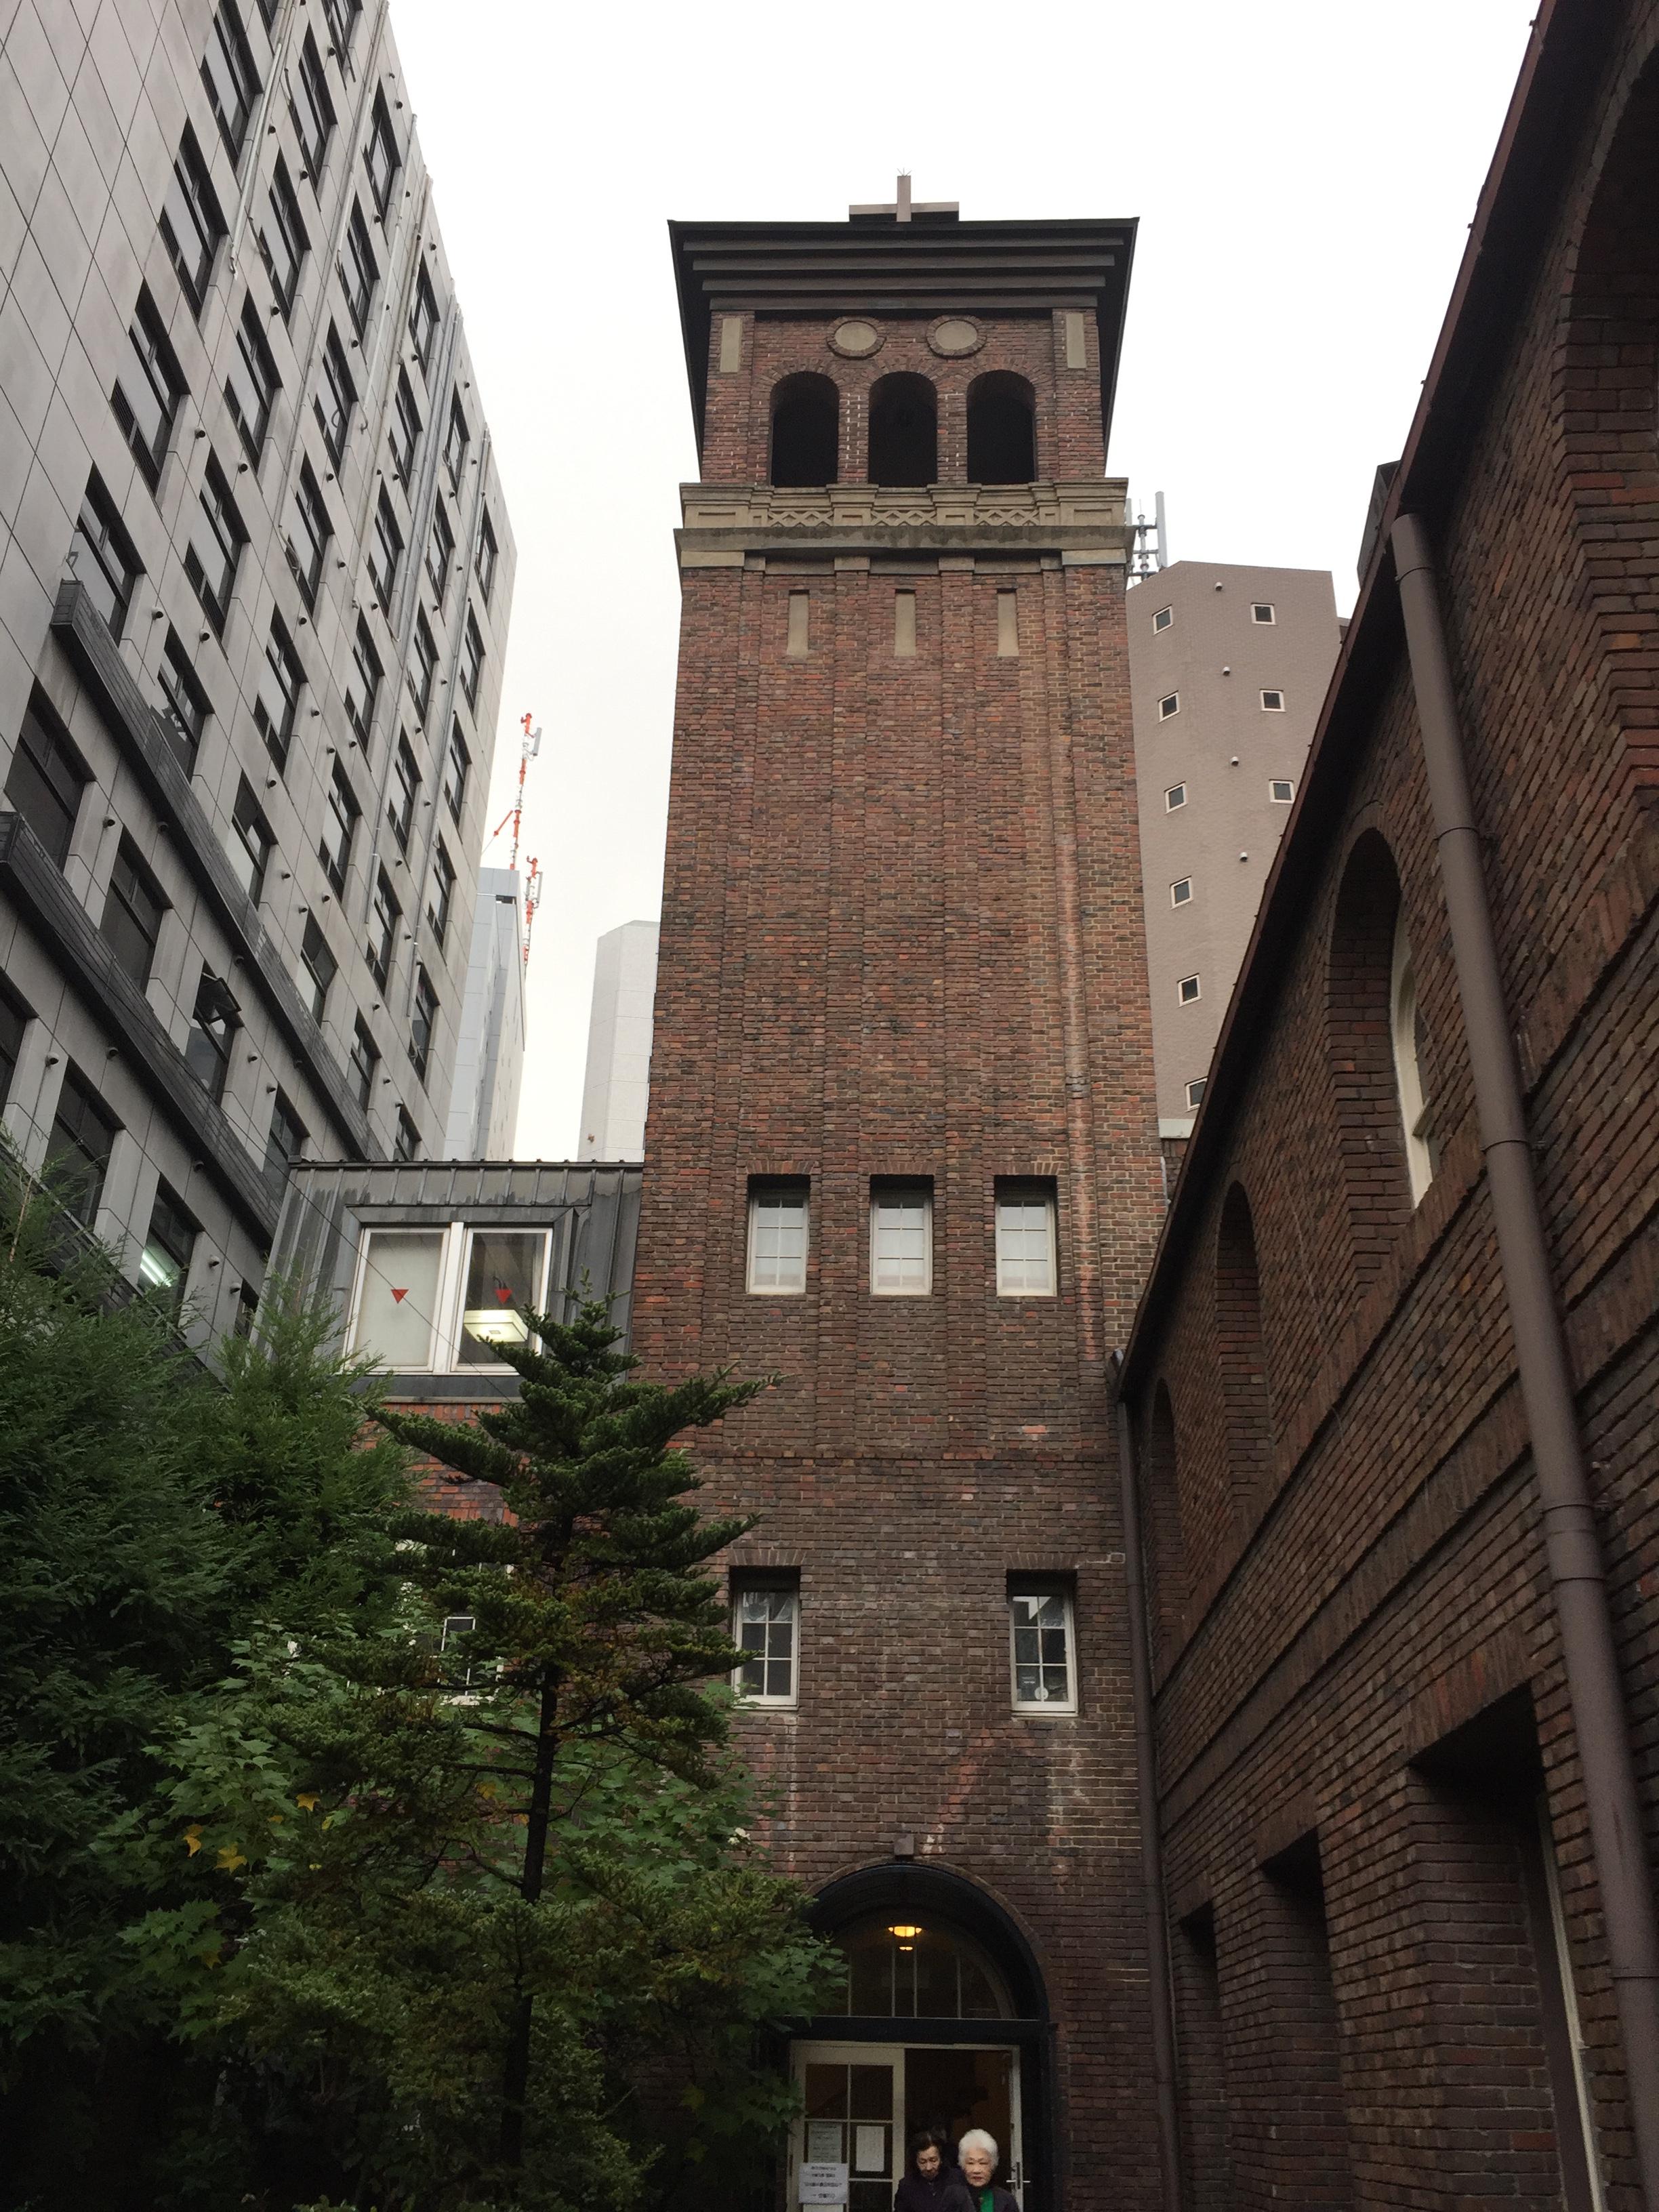 <p>鐘楼</p>教会北西に位置する鐘楼外観。